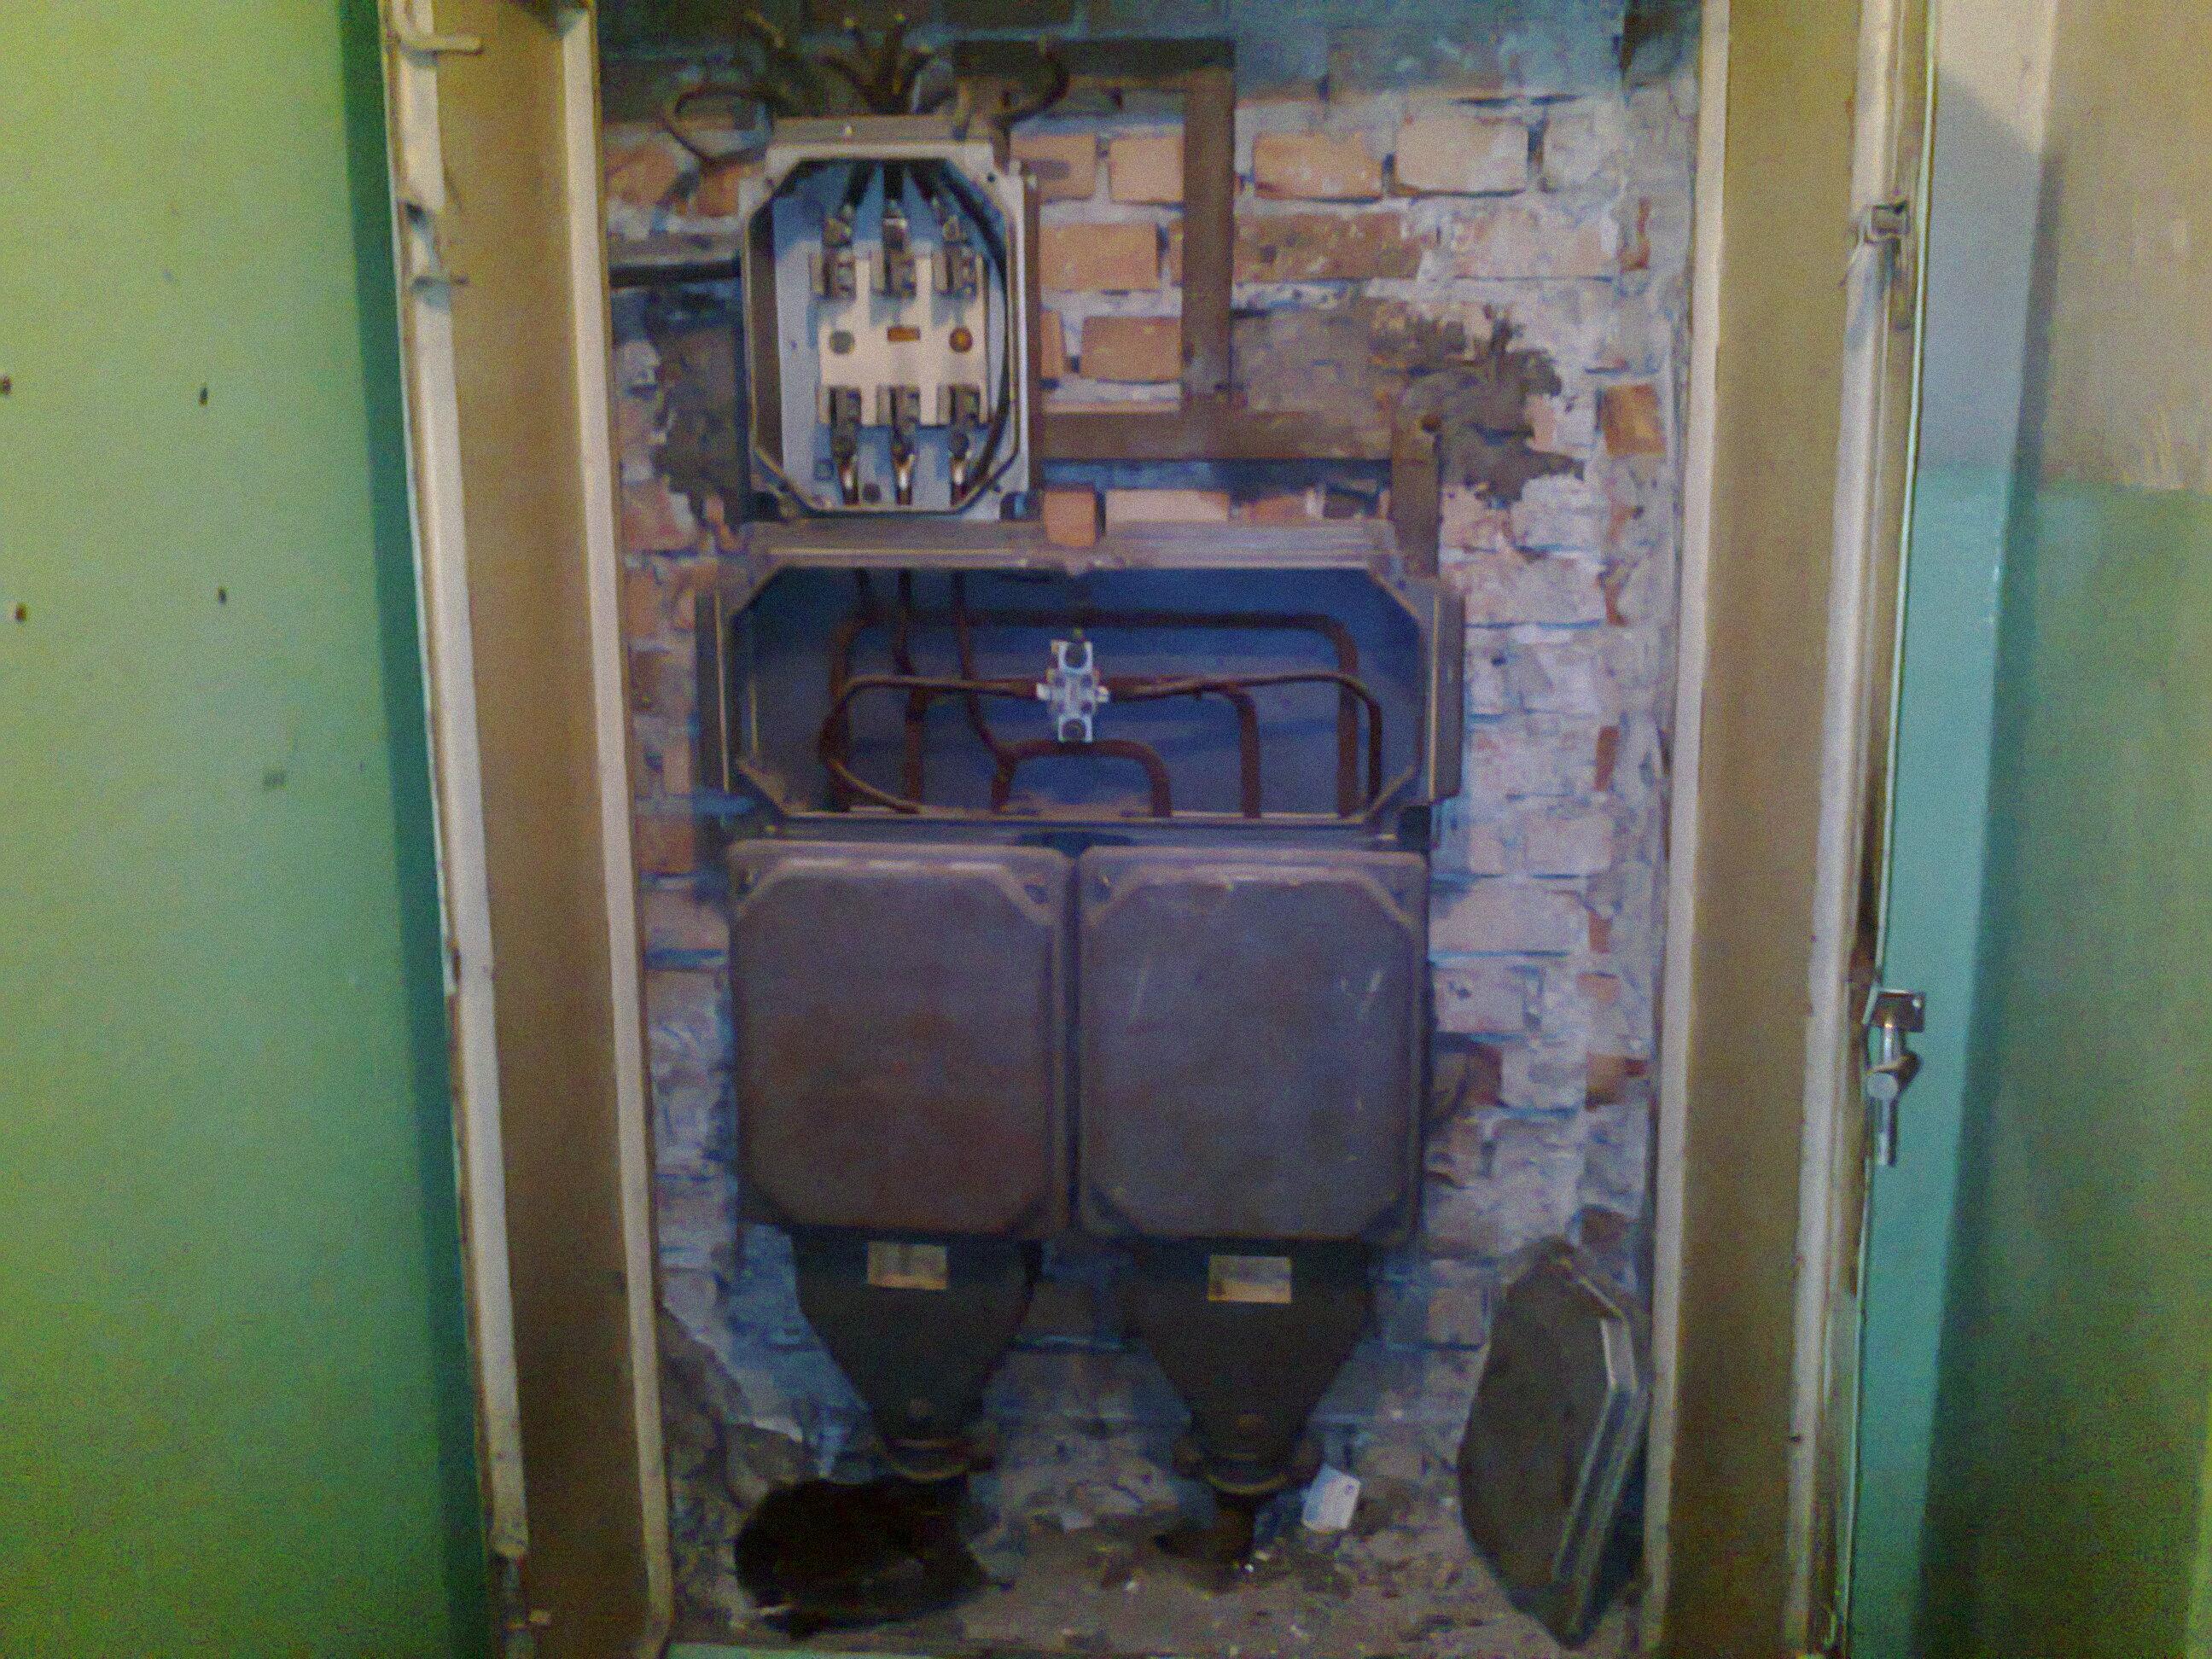 Instalacje elektryczne w domu i mieszkaniu: Historia i trendy